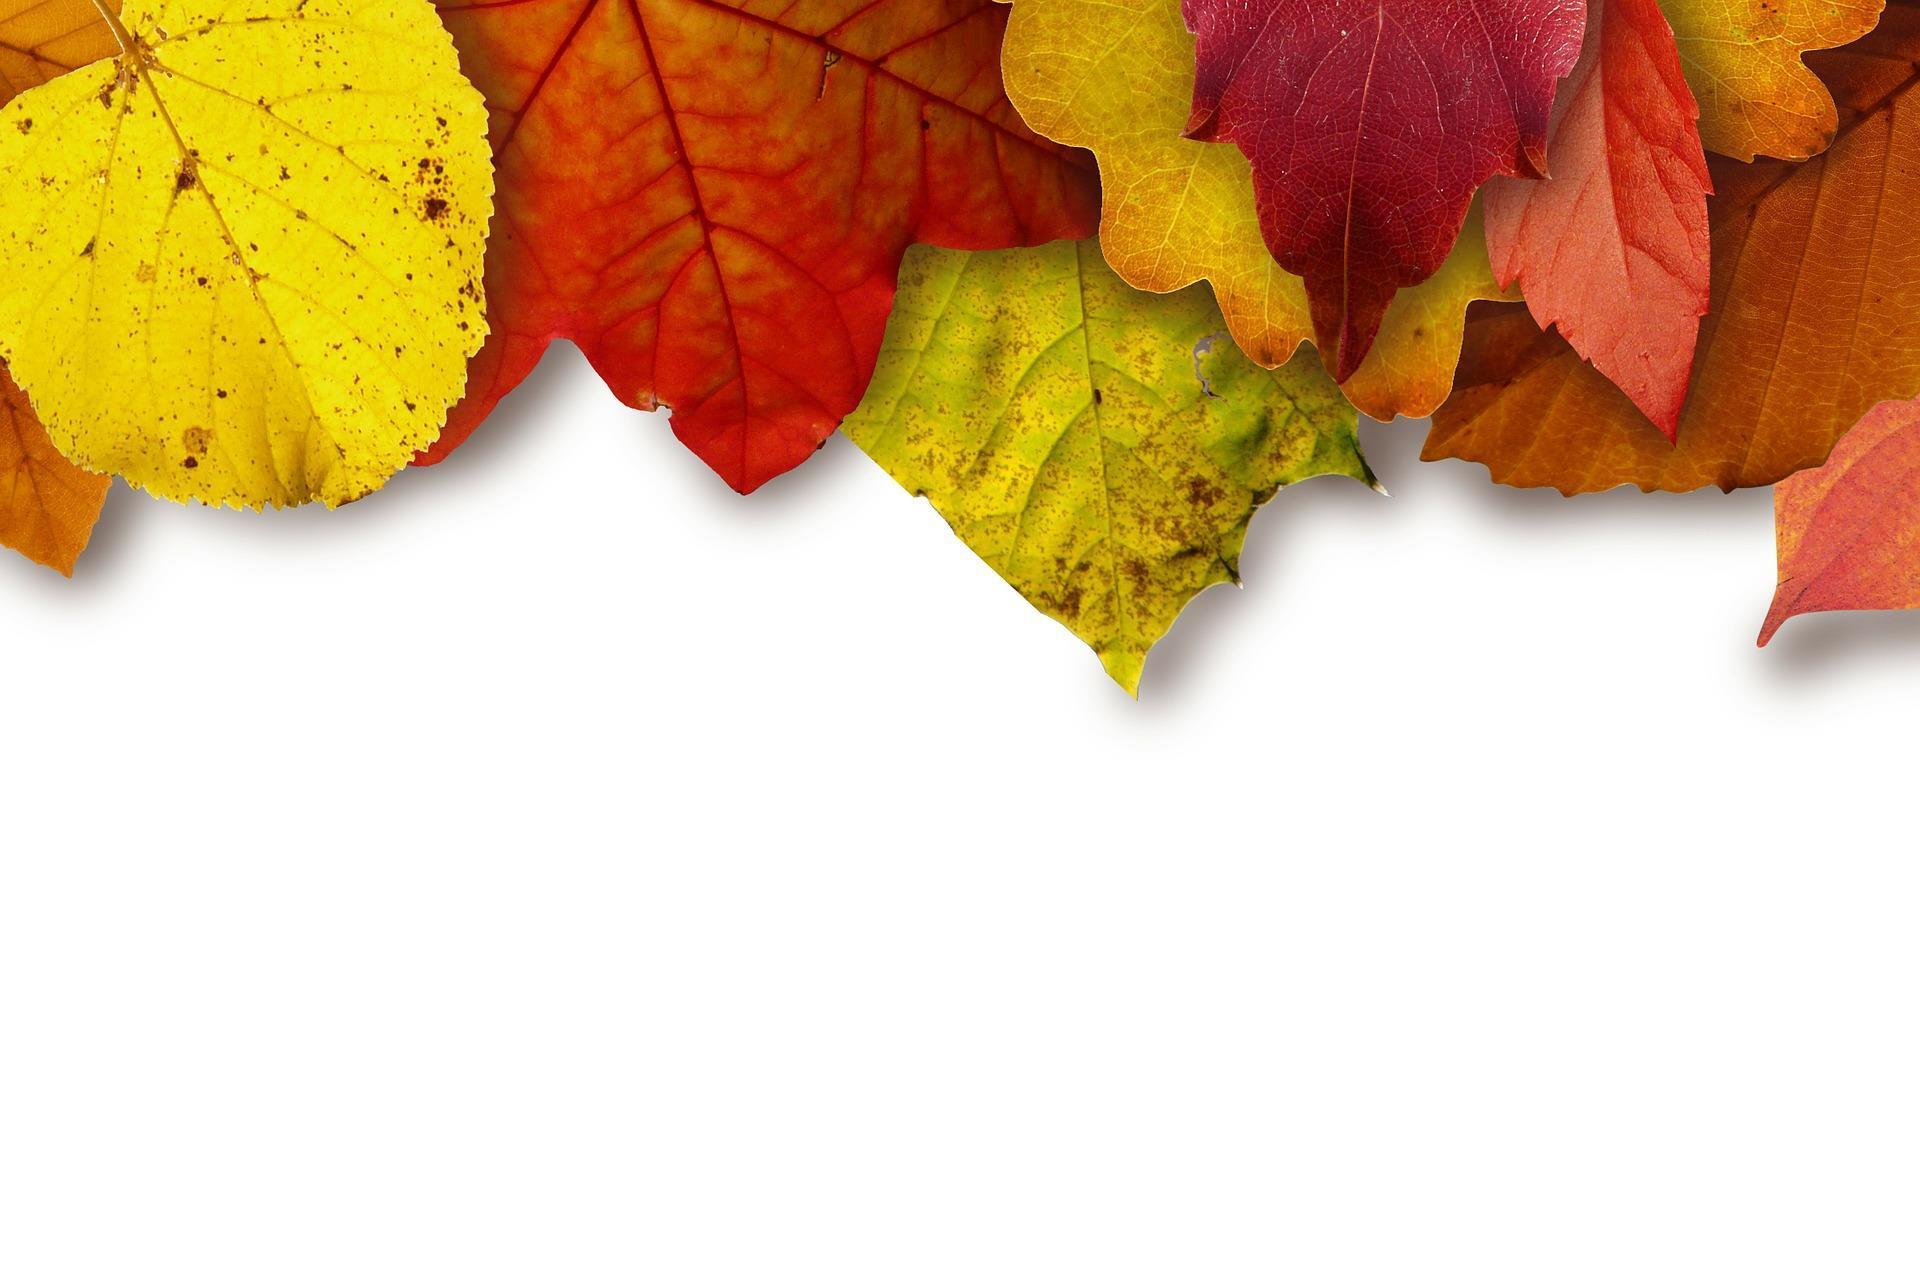 automne-montages-photos-avec-des-feuilles_2